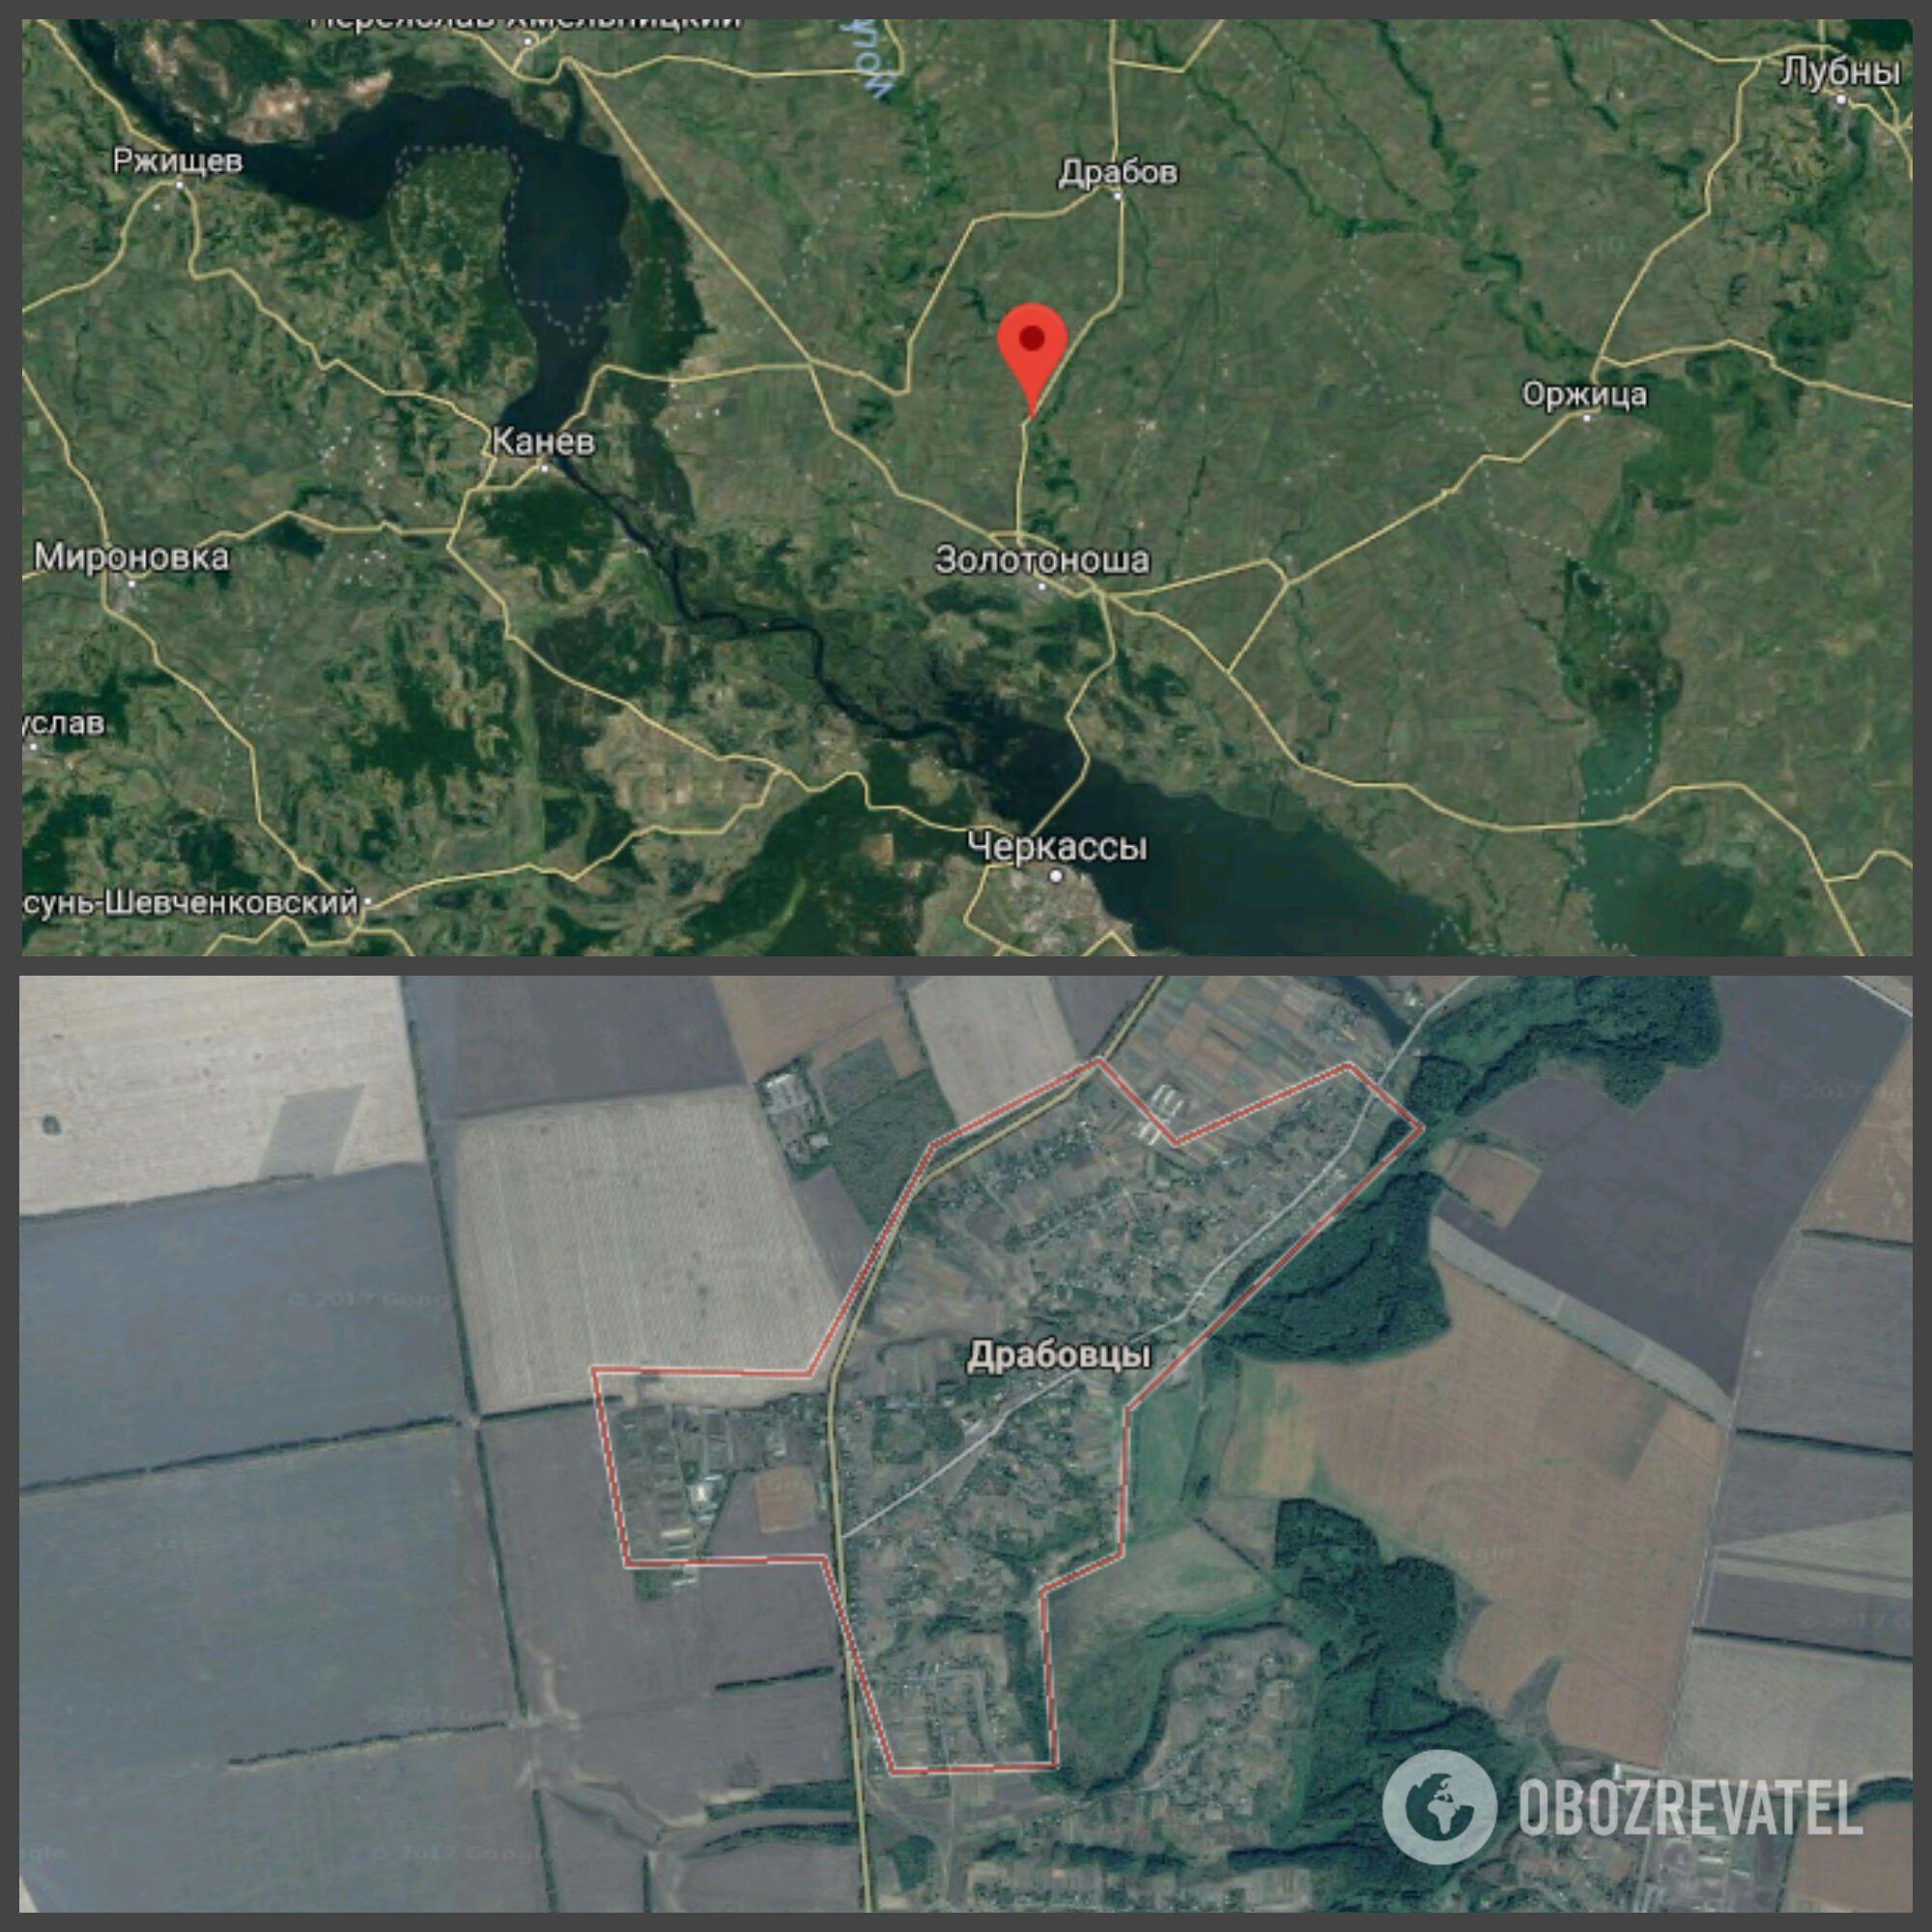 Пожежа сталася в селі Драбівці